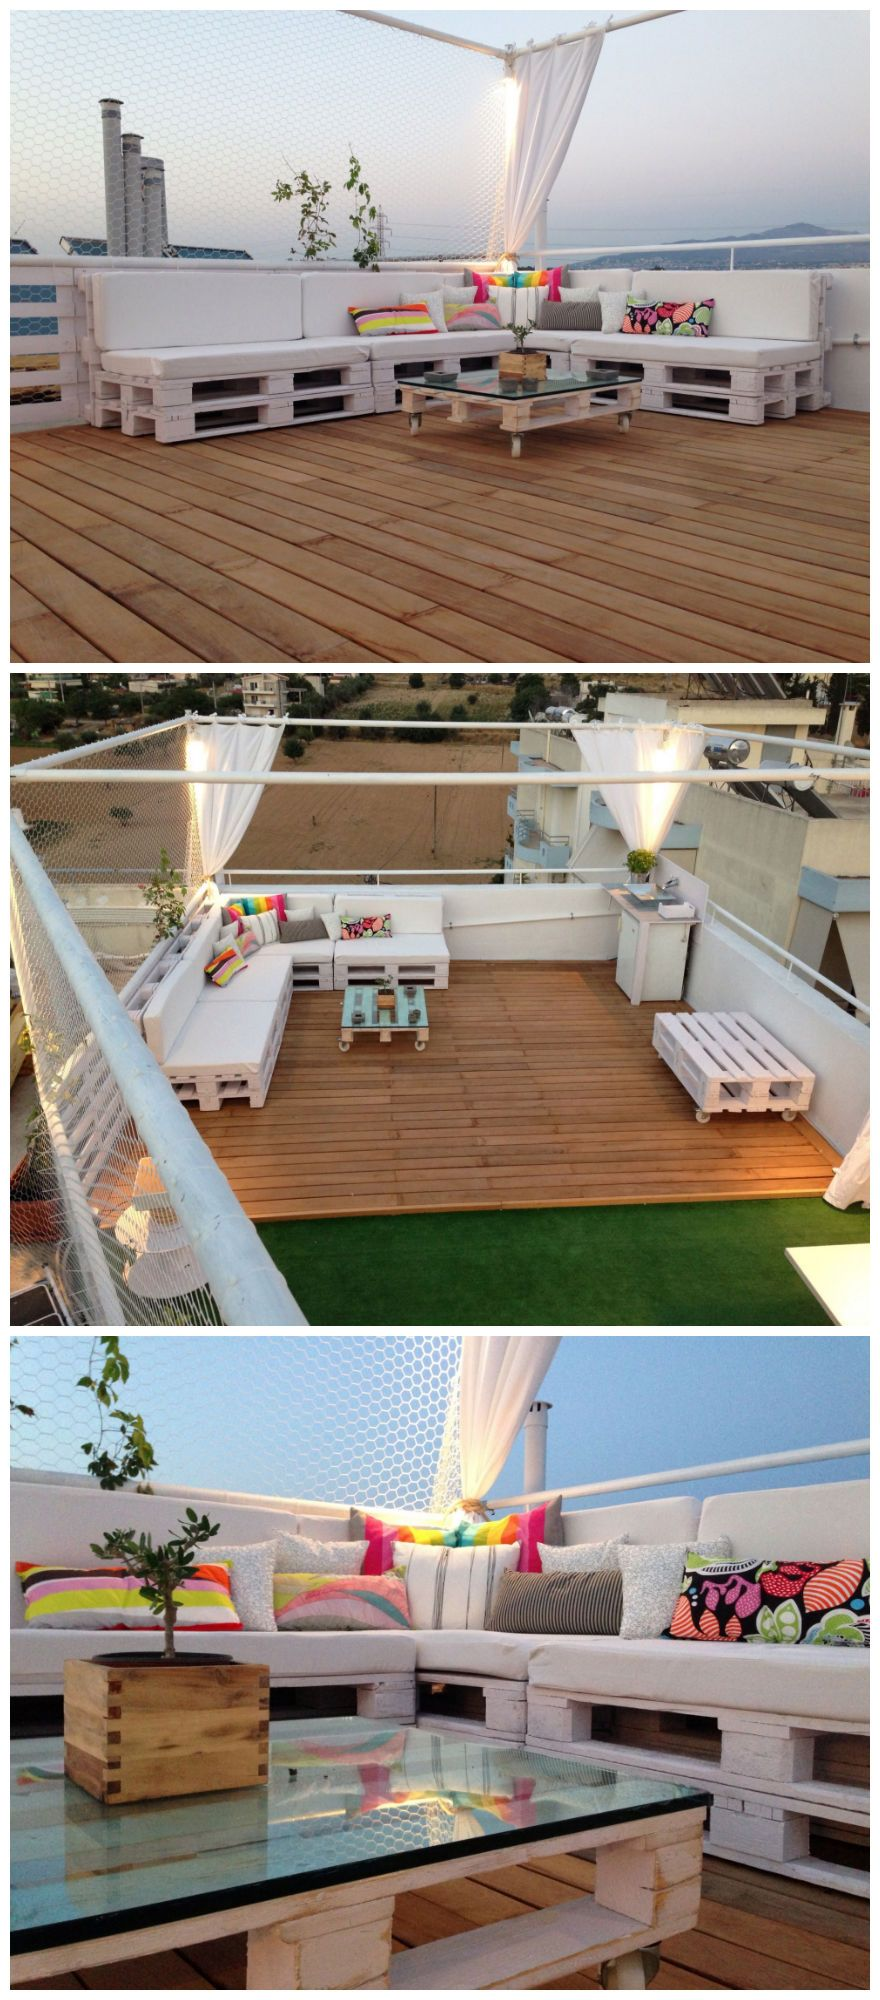 Pallet Roof Terrace Lounge Dream Home Decoración De Unas